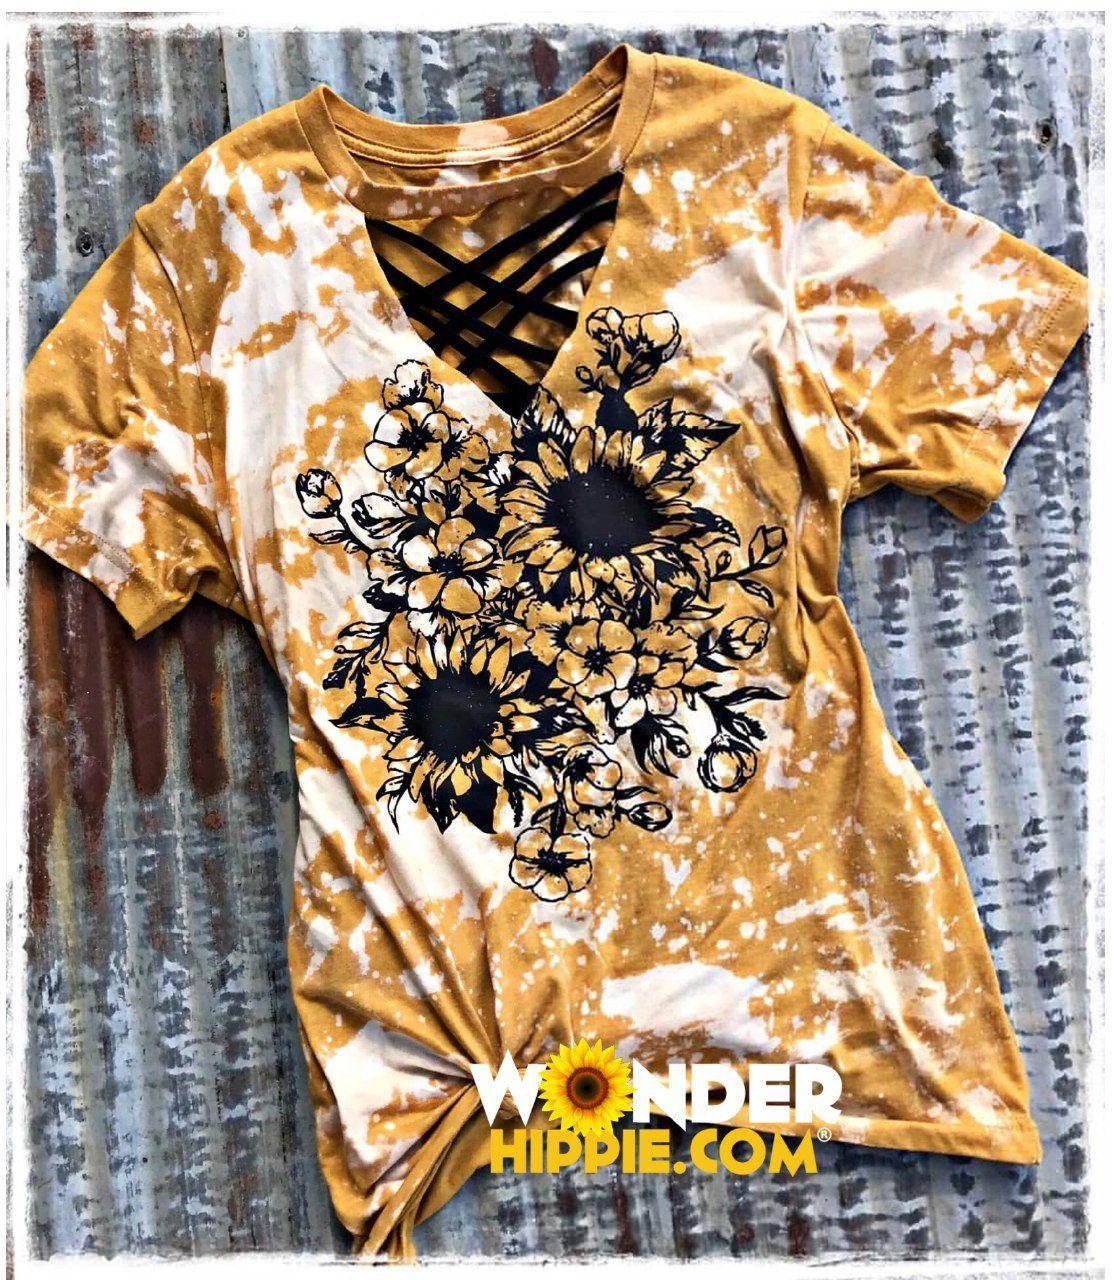 Wonder Hippie Store